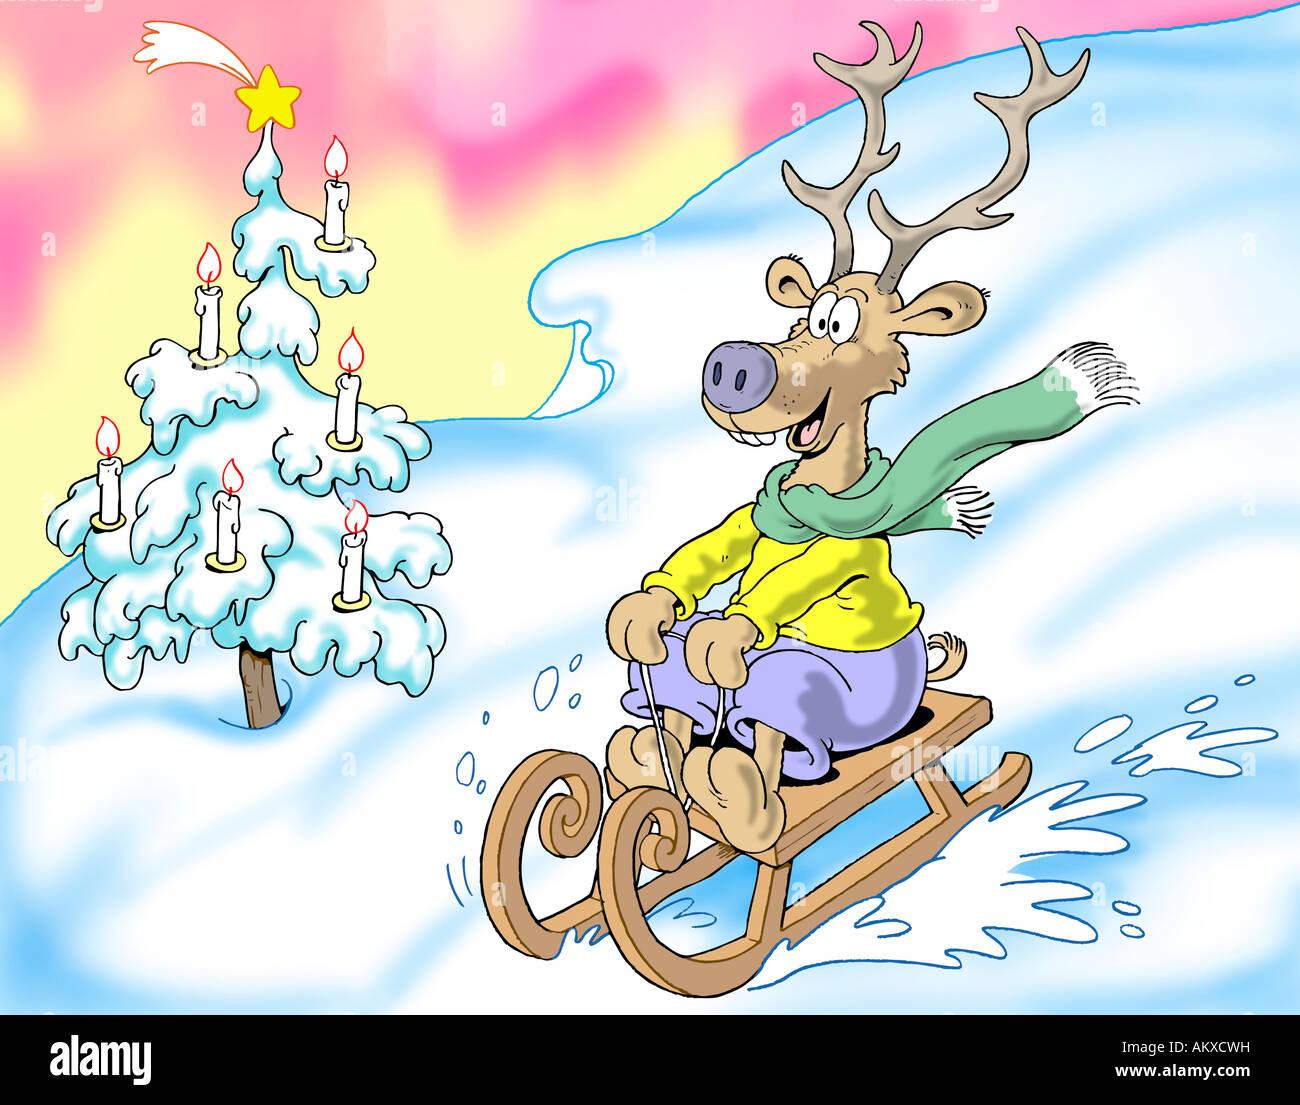 Merry en trineo de renos, ilustración Imagen De Stock